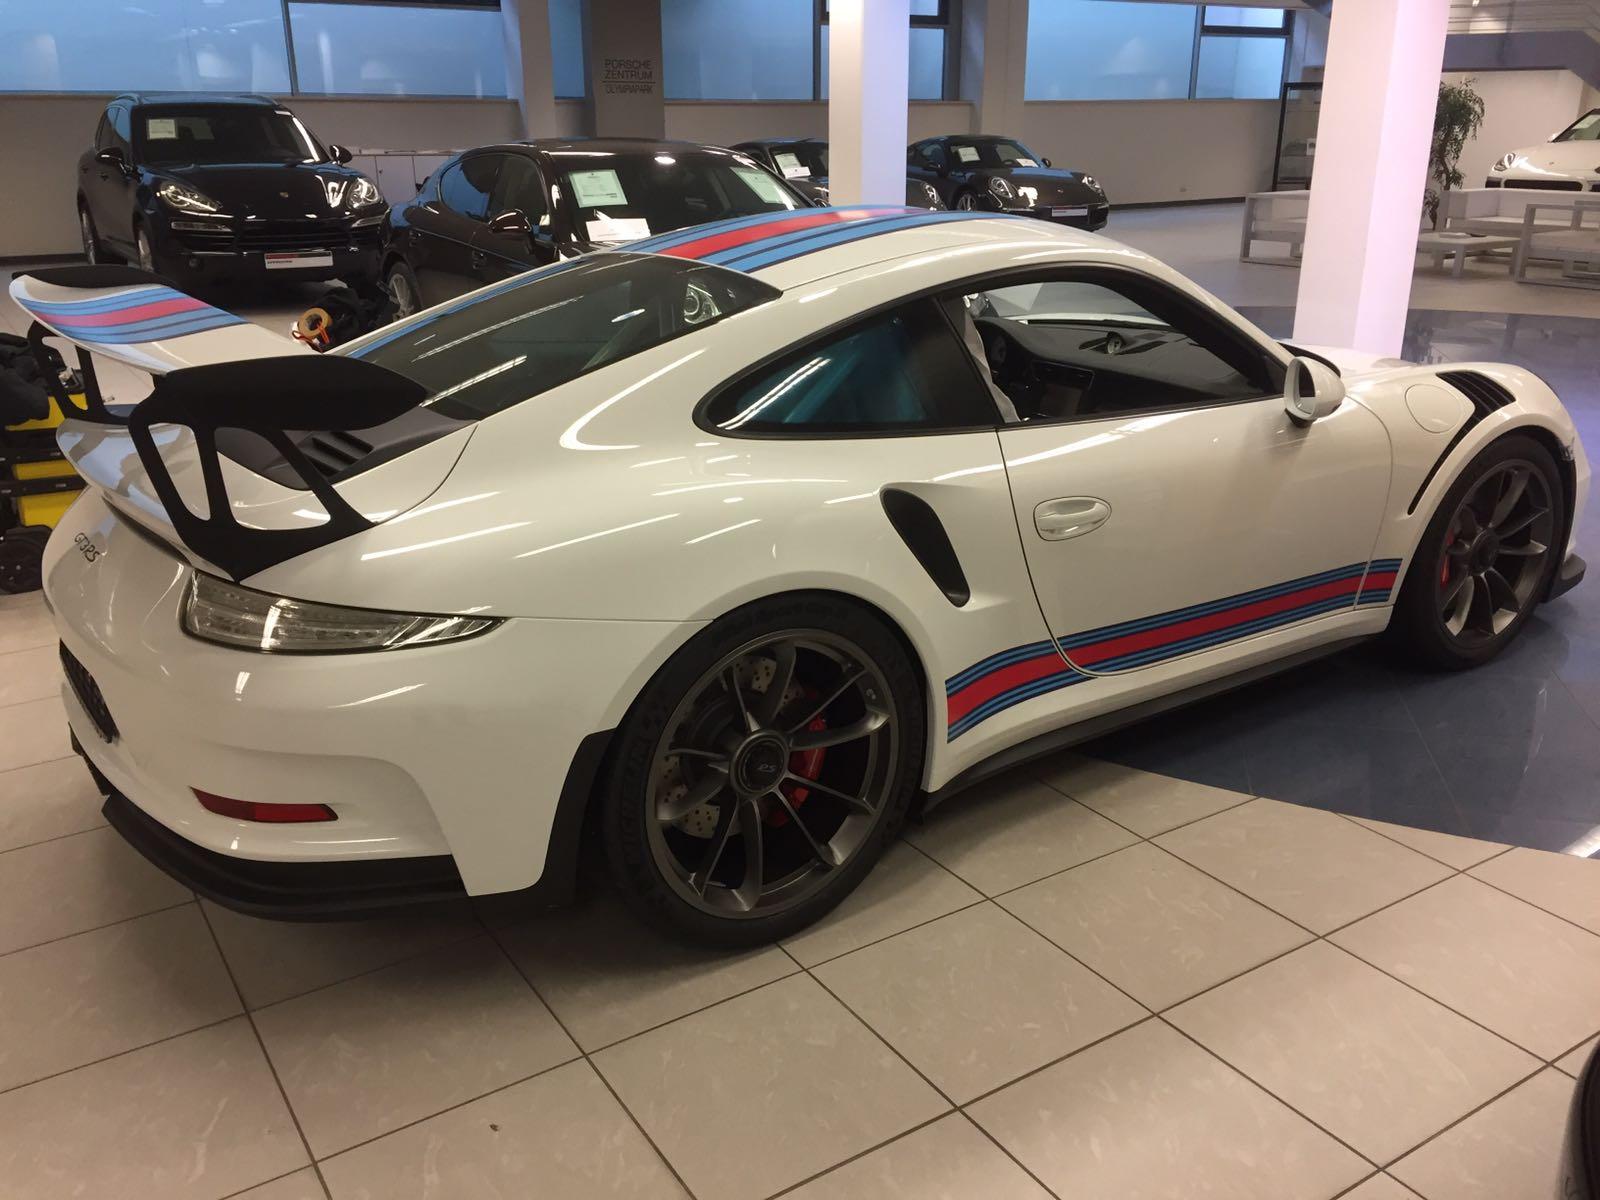 Porsche_gt3_rs_martini_streifen4